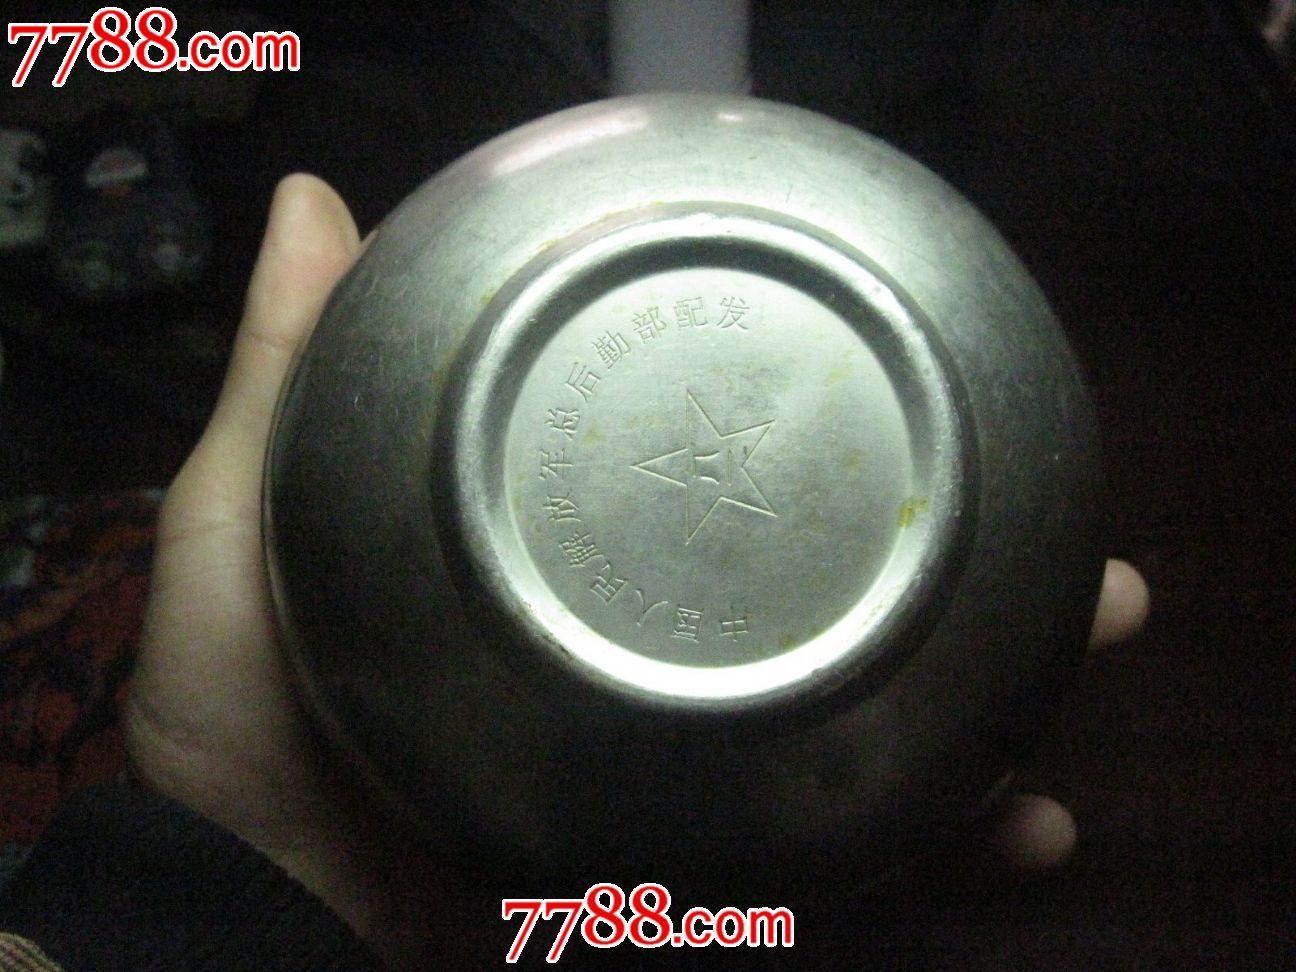 总后勤部领�9d#yce_一元拍中国人民解放军总后勤部配发厚重不锈钢碗一个